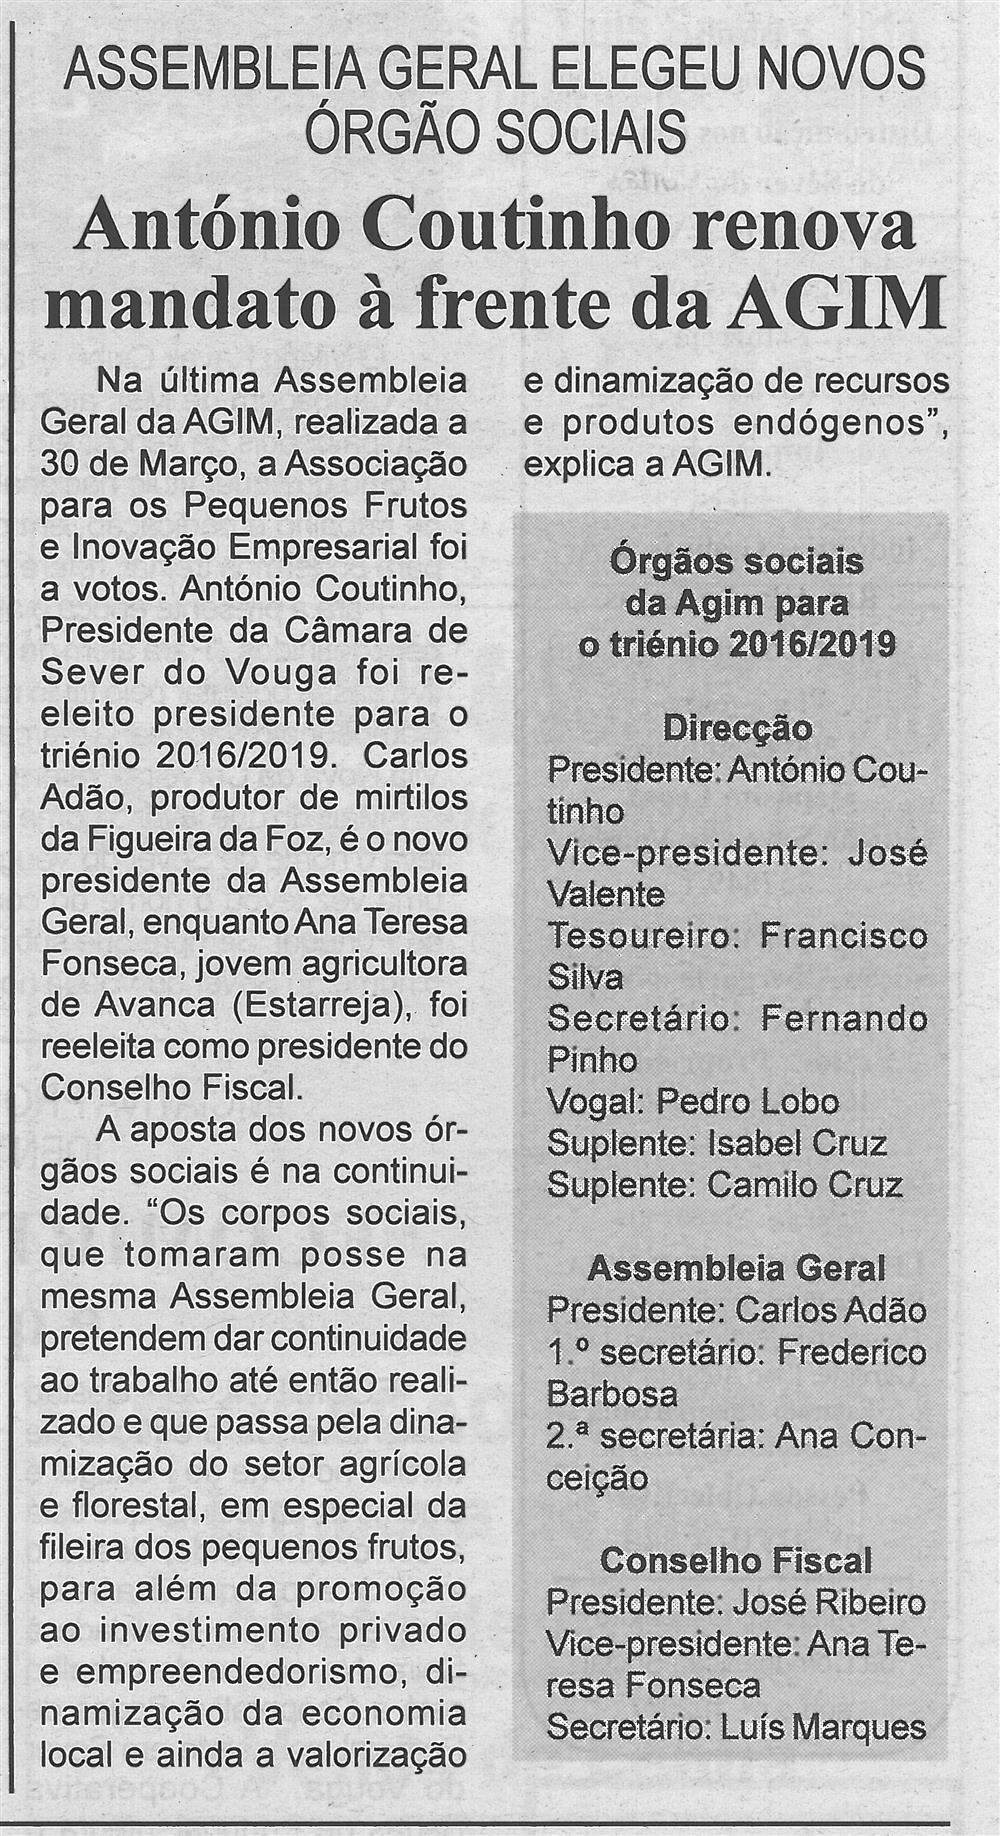 BV-1.ªabr.'16-p.3-António Coutinho renova mandato à frente da AGIM : Assembleia Geral elegeu novos órgãos sociais.jpg